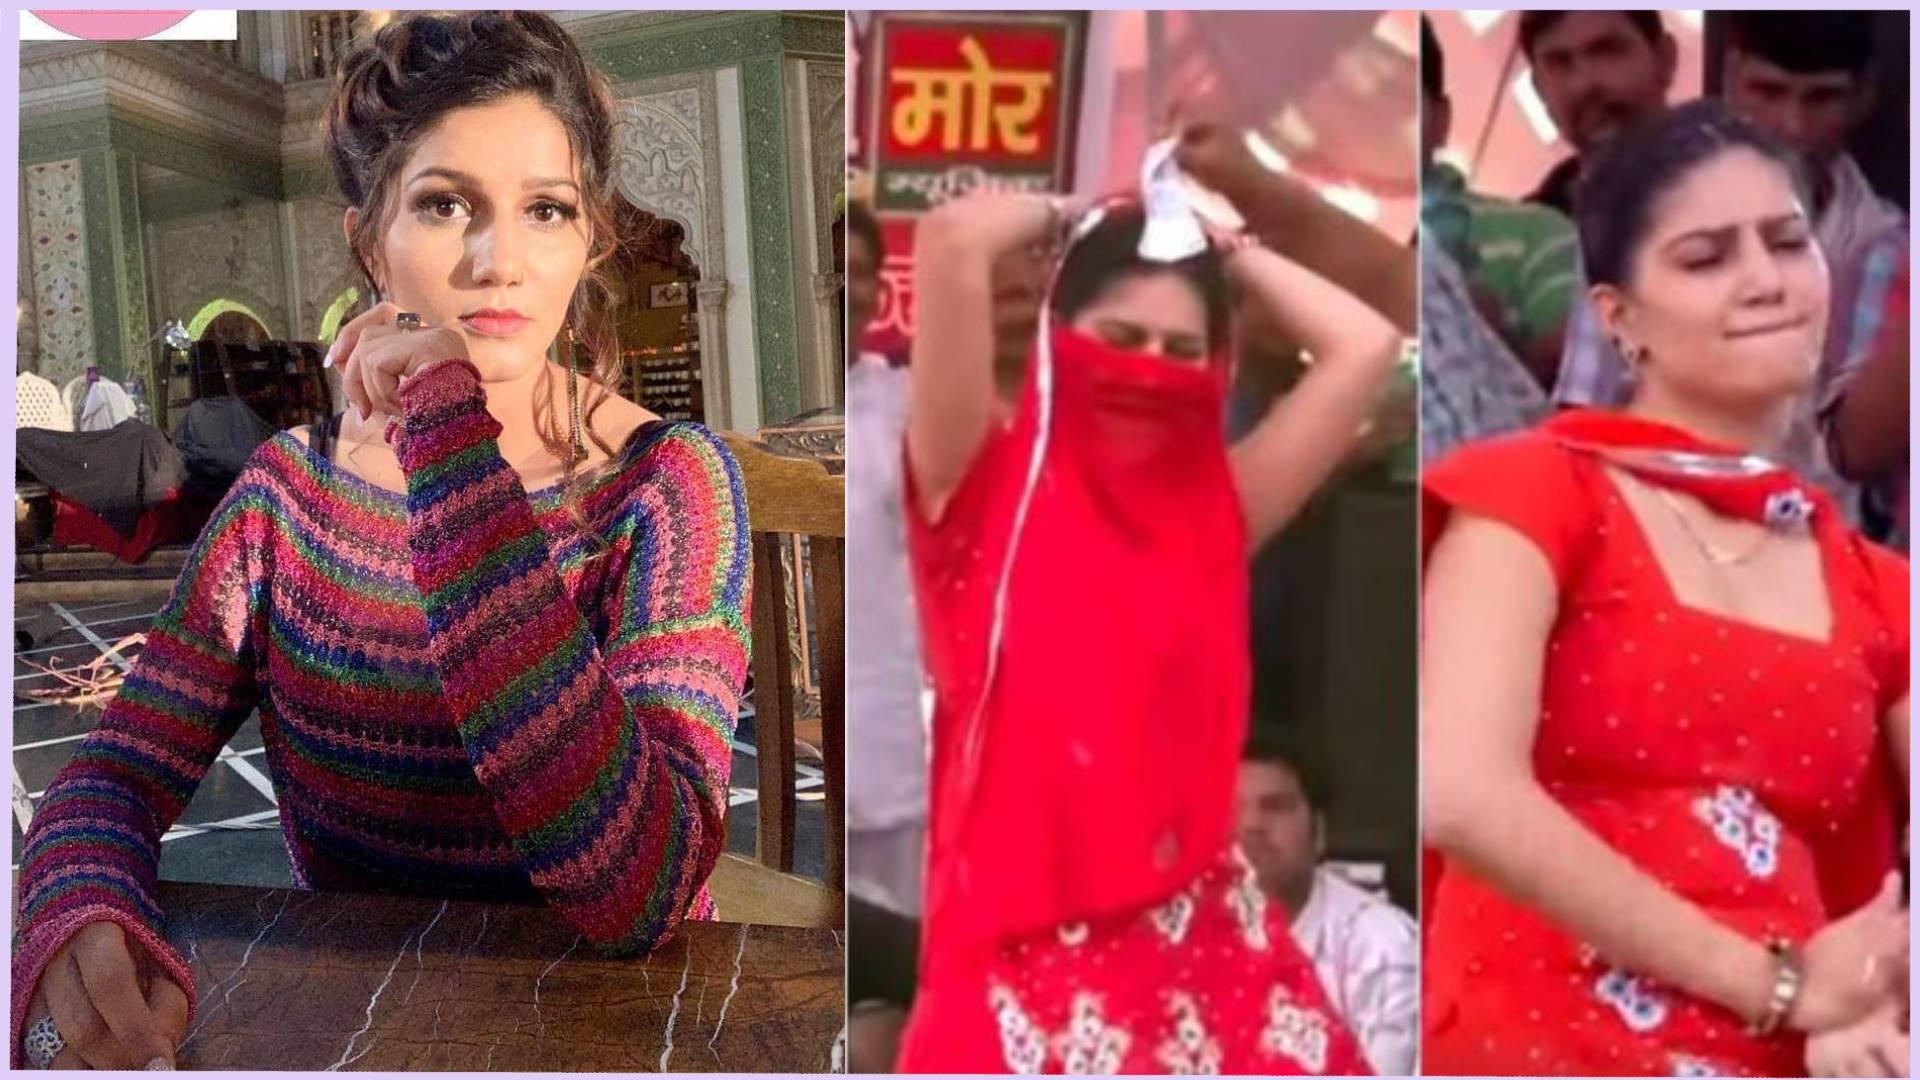 हरियाणवी रागिनी पर सपना चौधरी ने किया जबरदस्त डांस, यूं होने लगी पैसों की बरसात, देखिए ये वीडियो